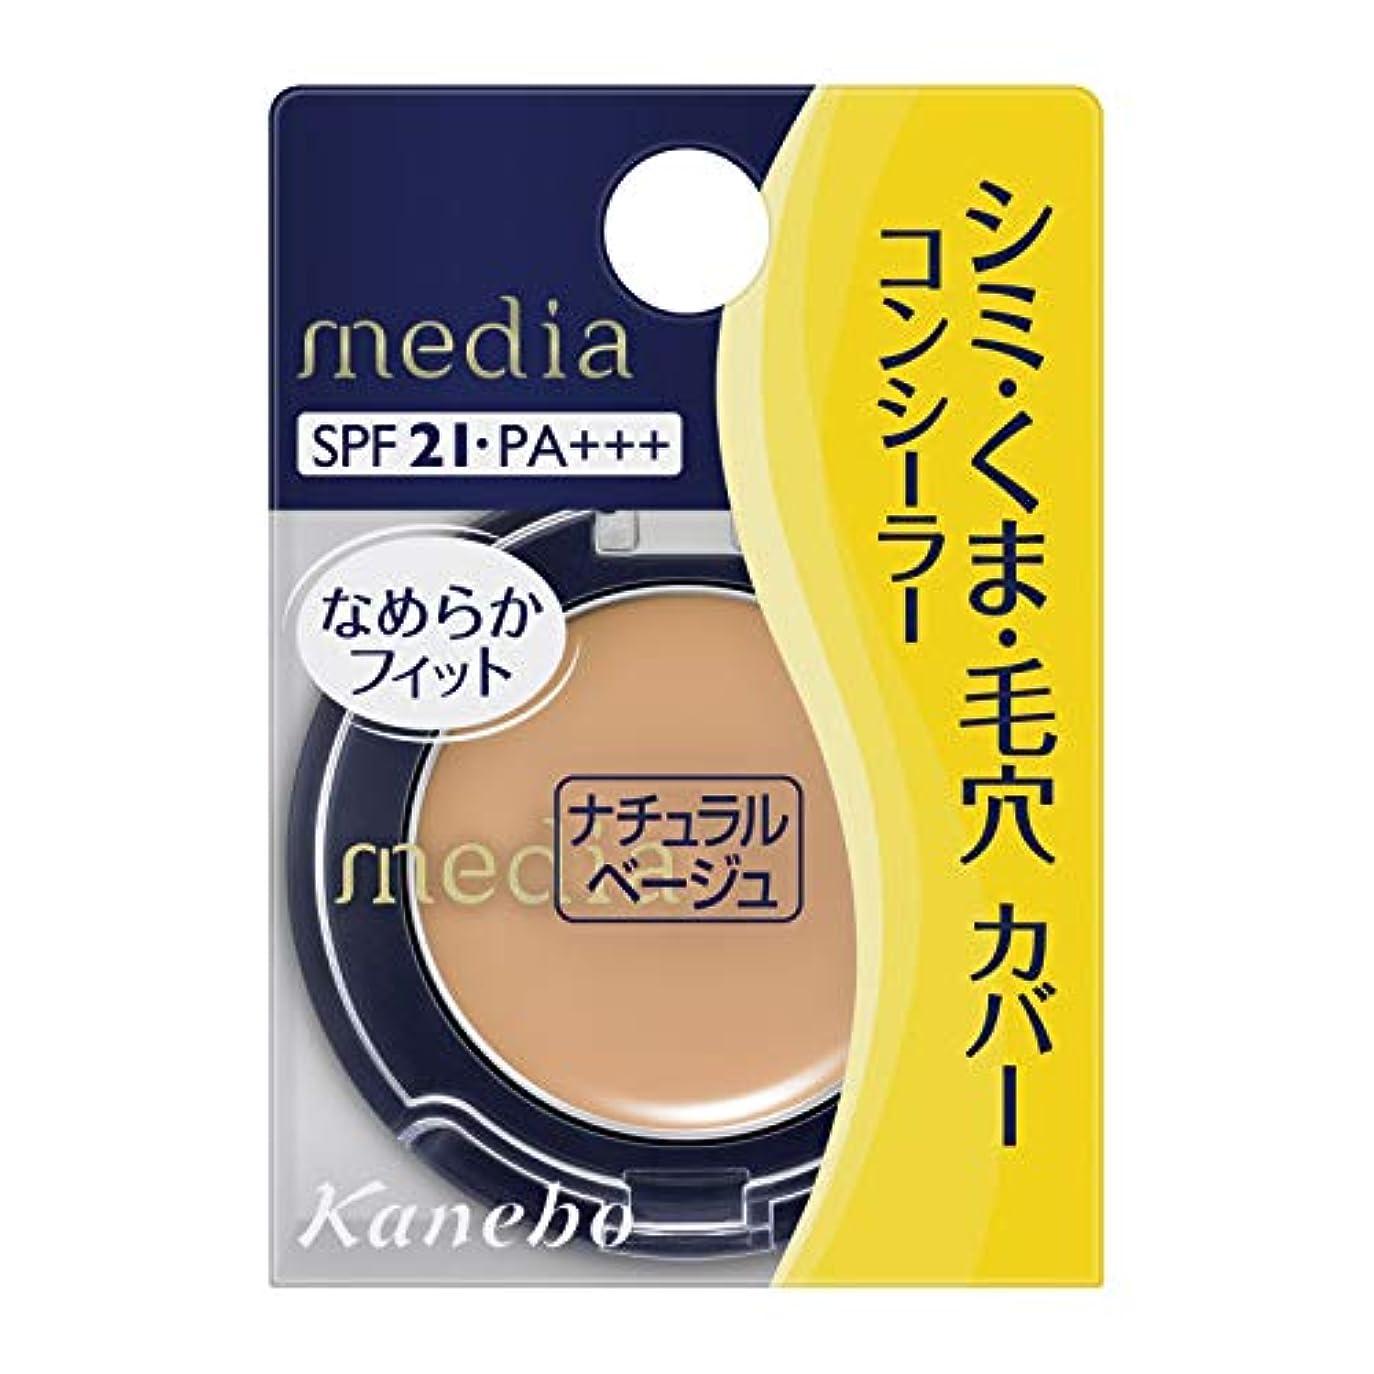 入り口哲学的両方カネボウ化粧品 メディア コンシーラー S ナチュラルベージュ 1.7g